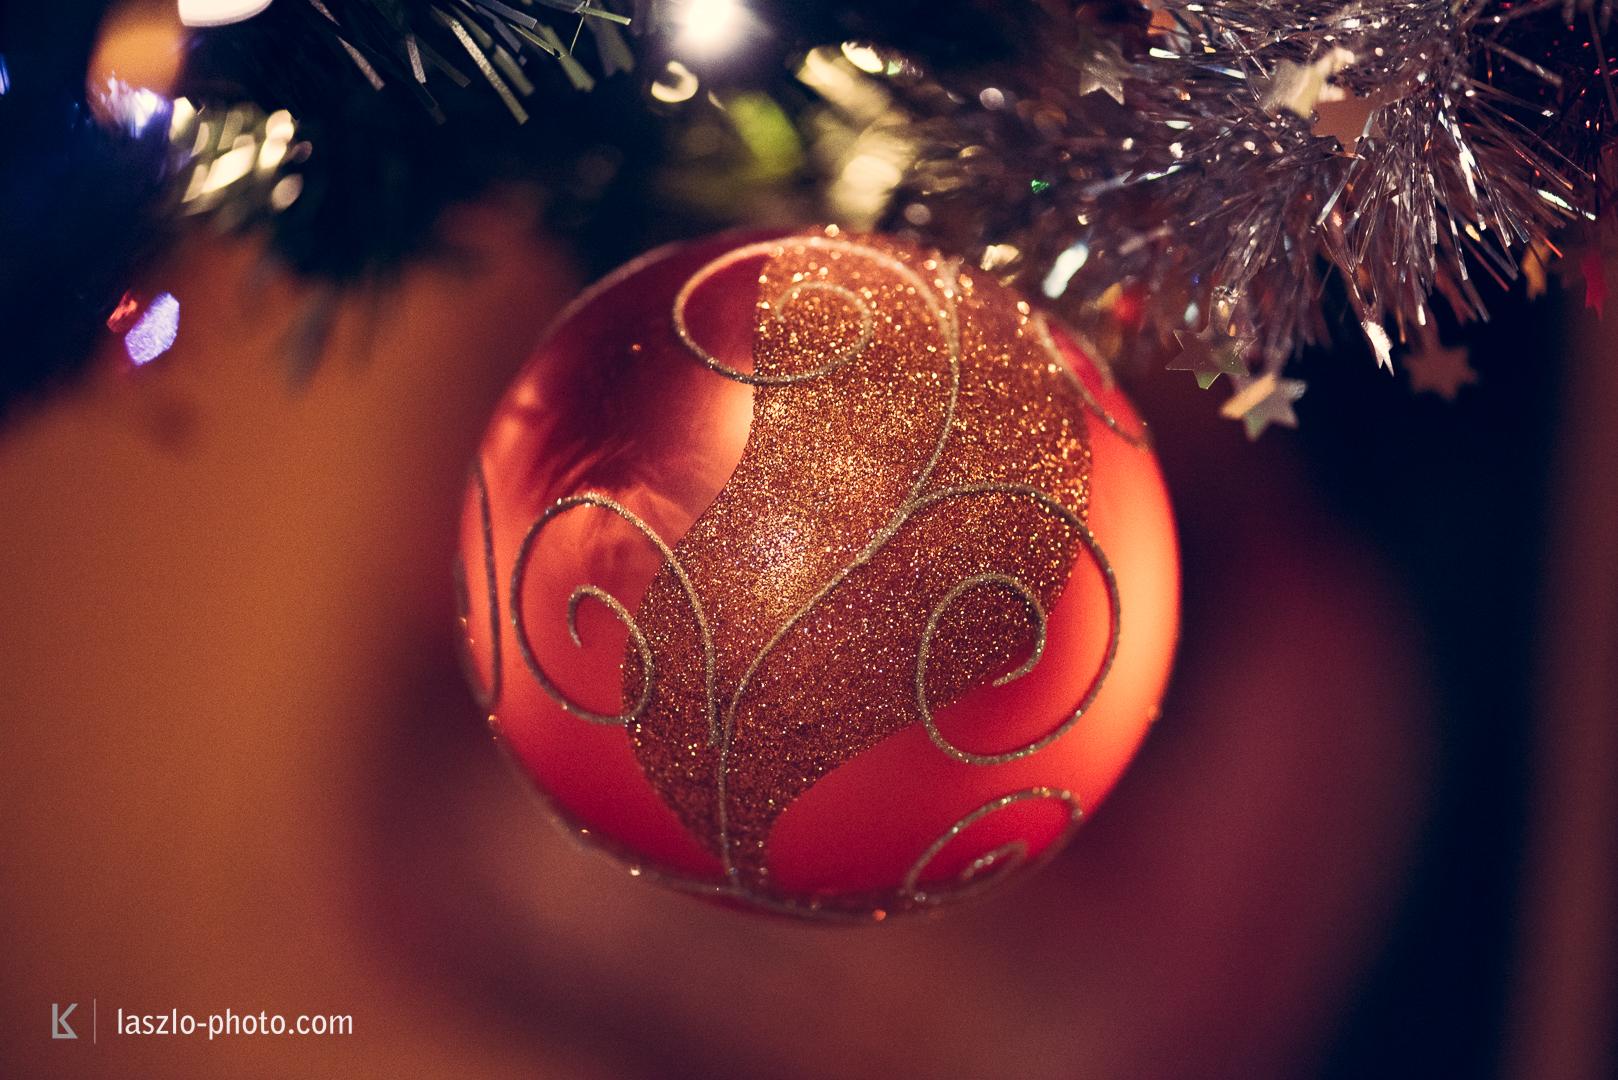 20161224_Weihnachten_Christbaum-0151